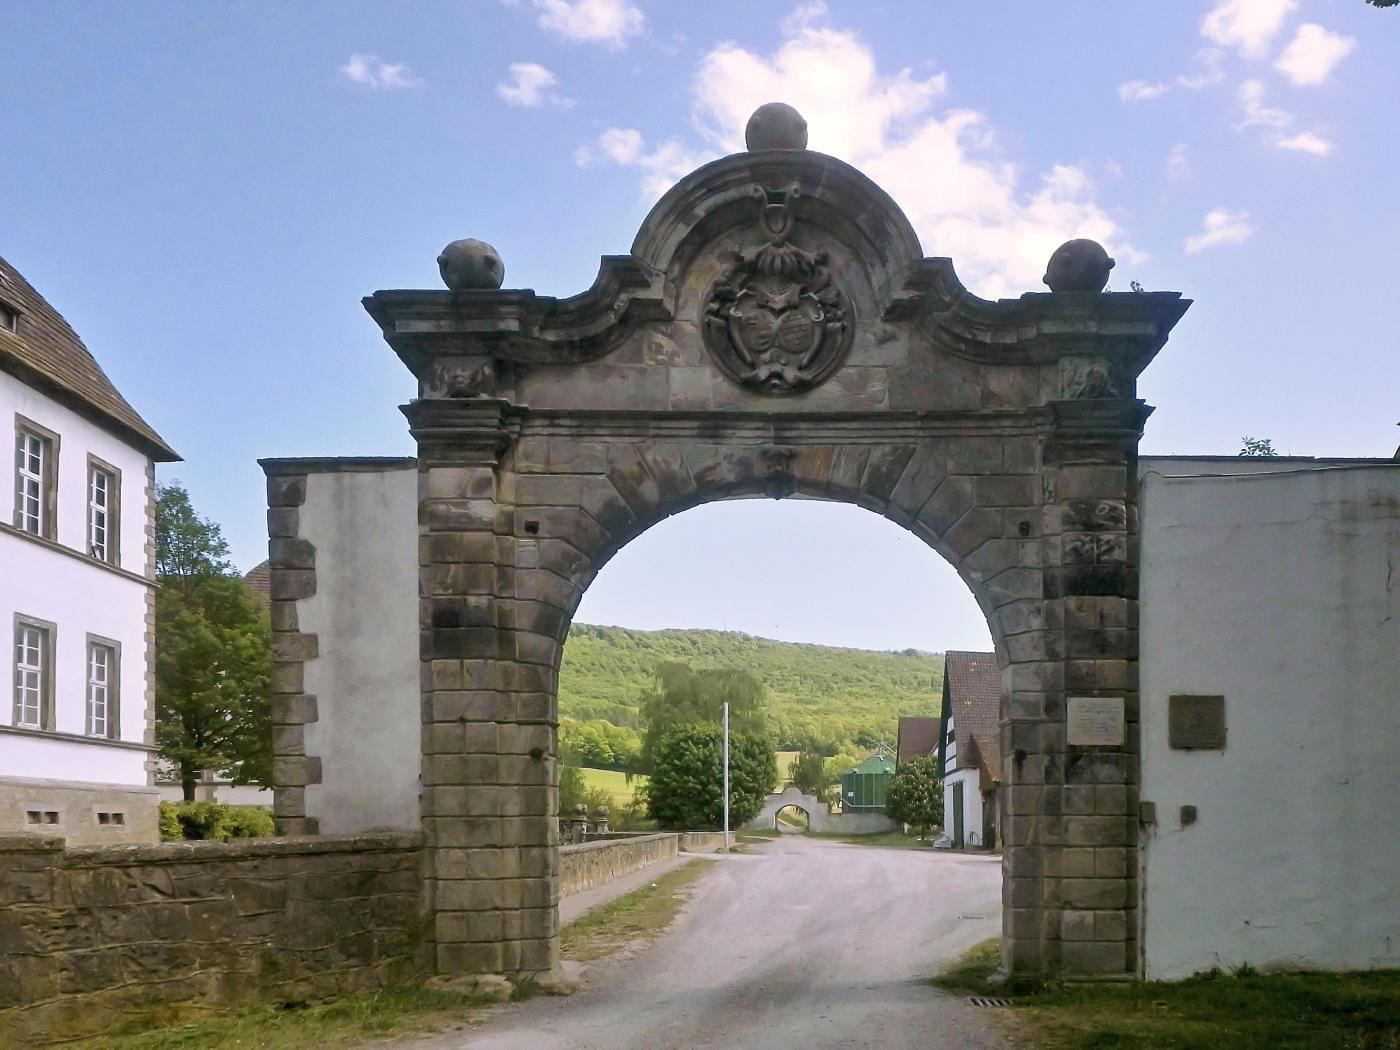 Westtor Schloss Bisperode